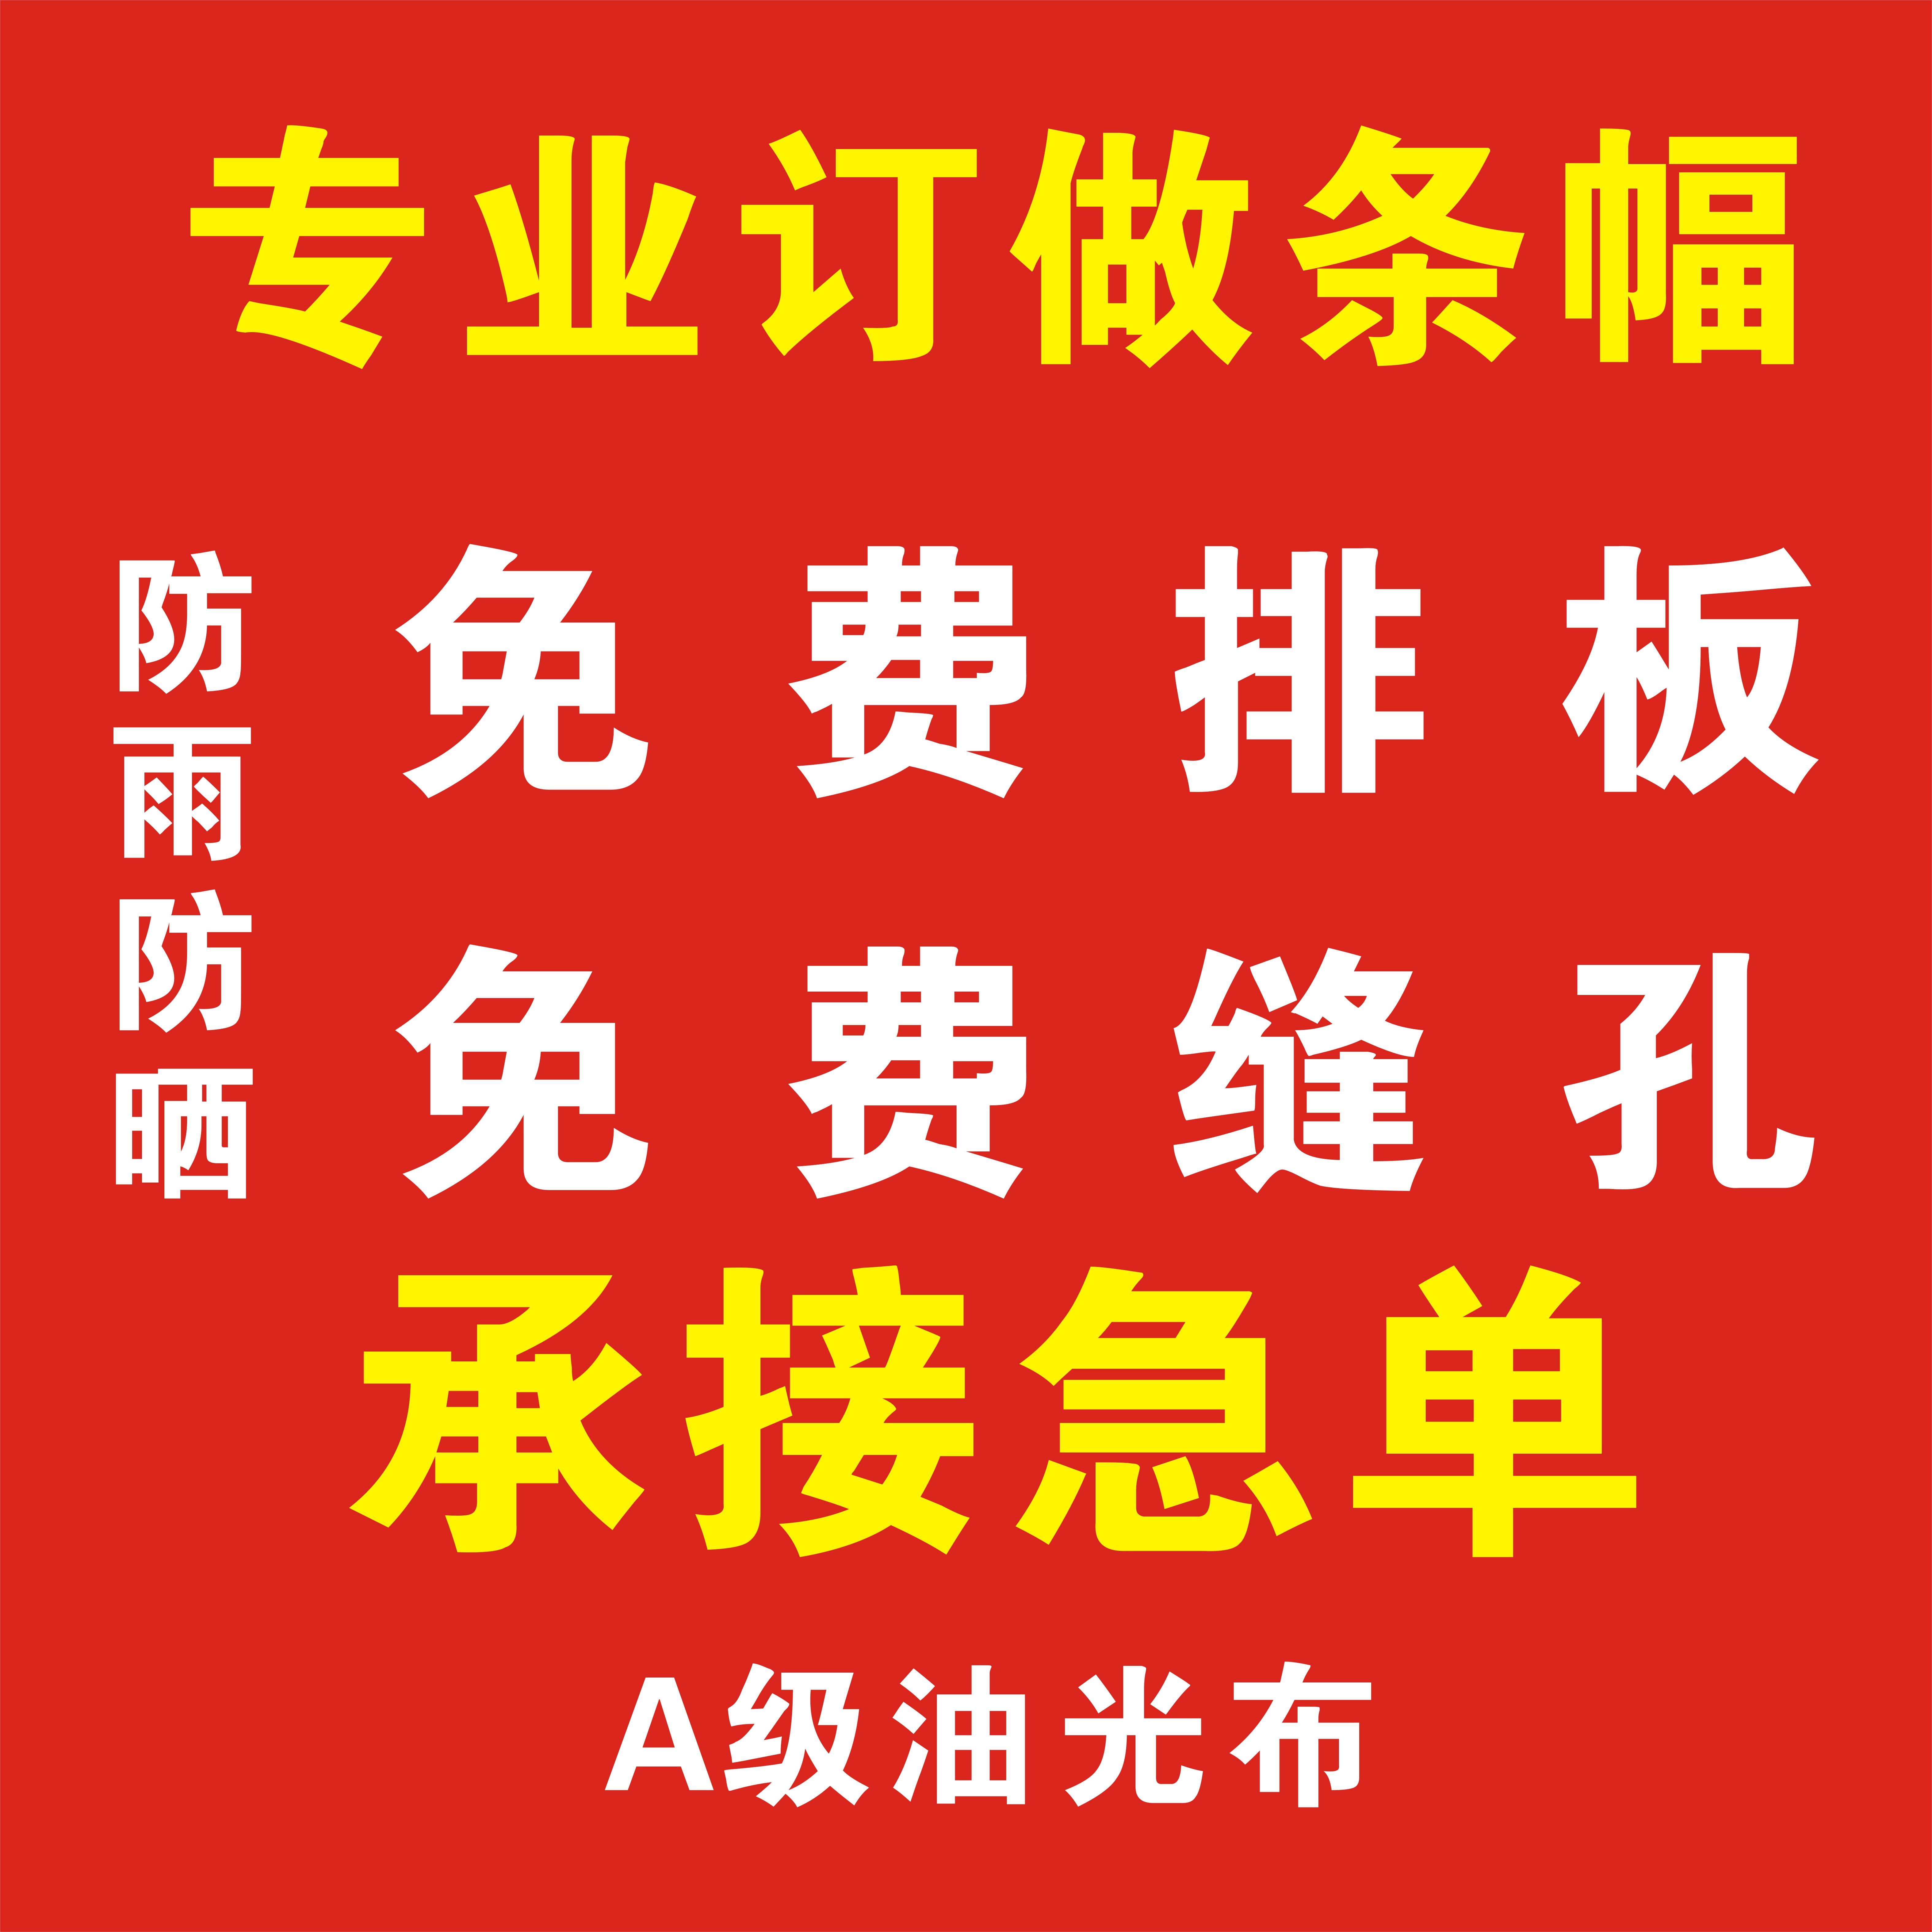 红色横幅制作 广告条幅 标语宣传信贷开业竖幅喜庆拱门字批发定做